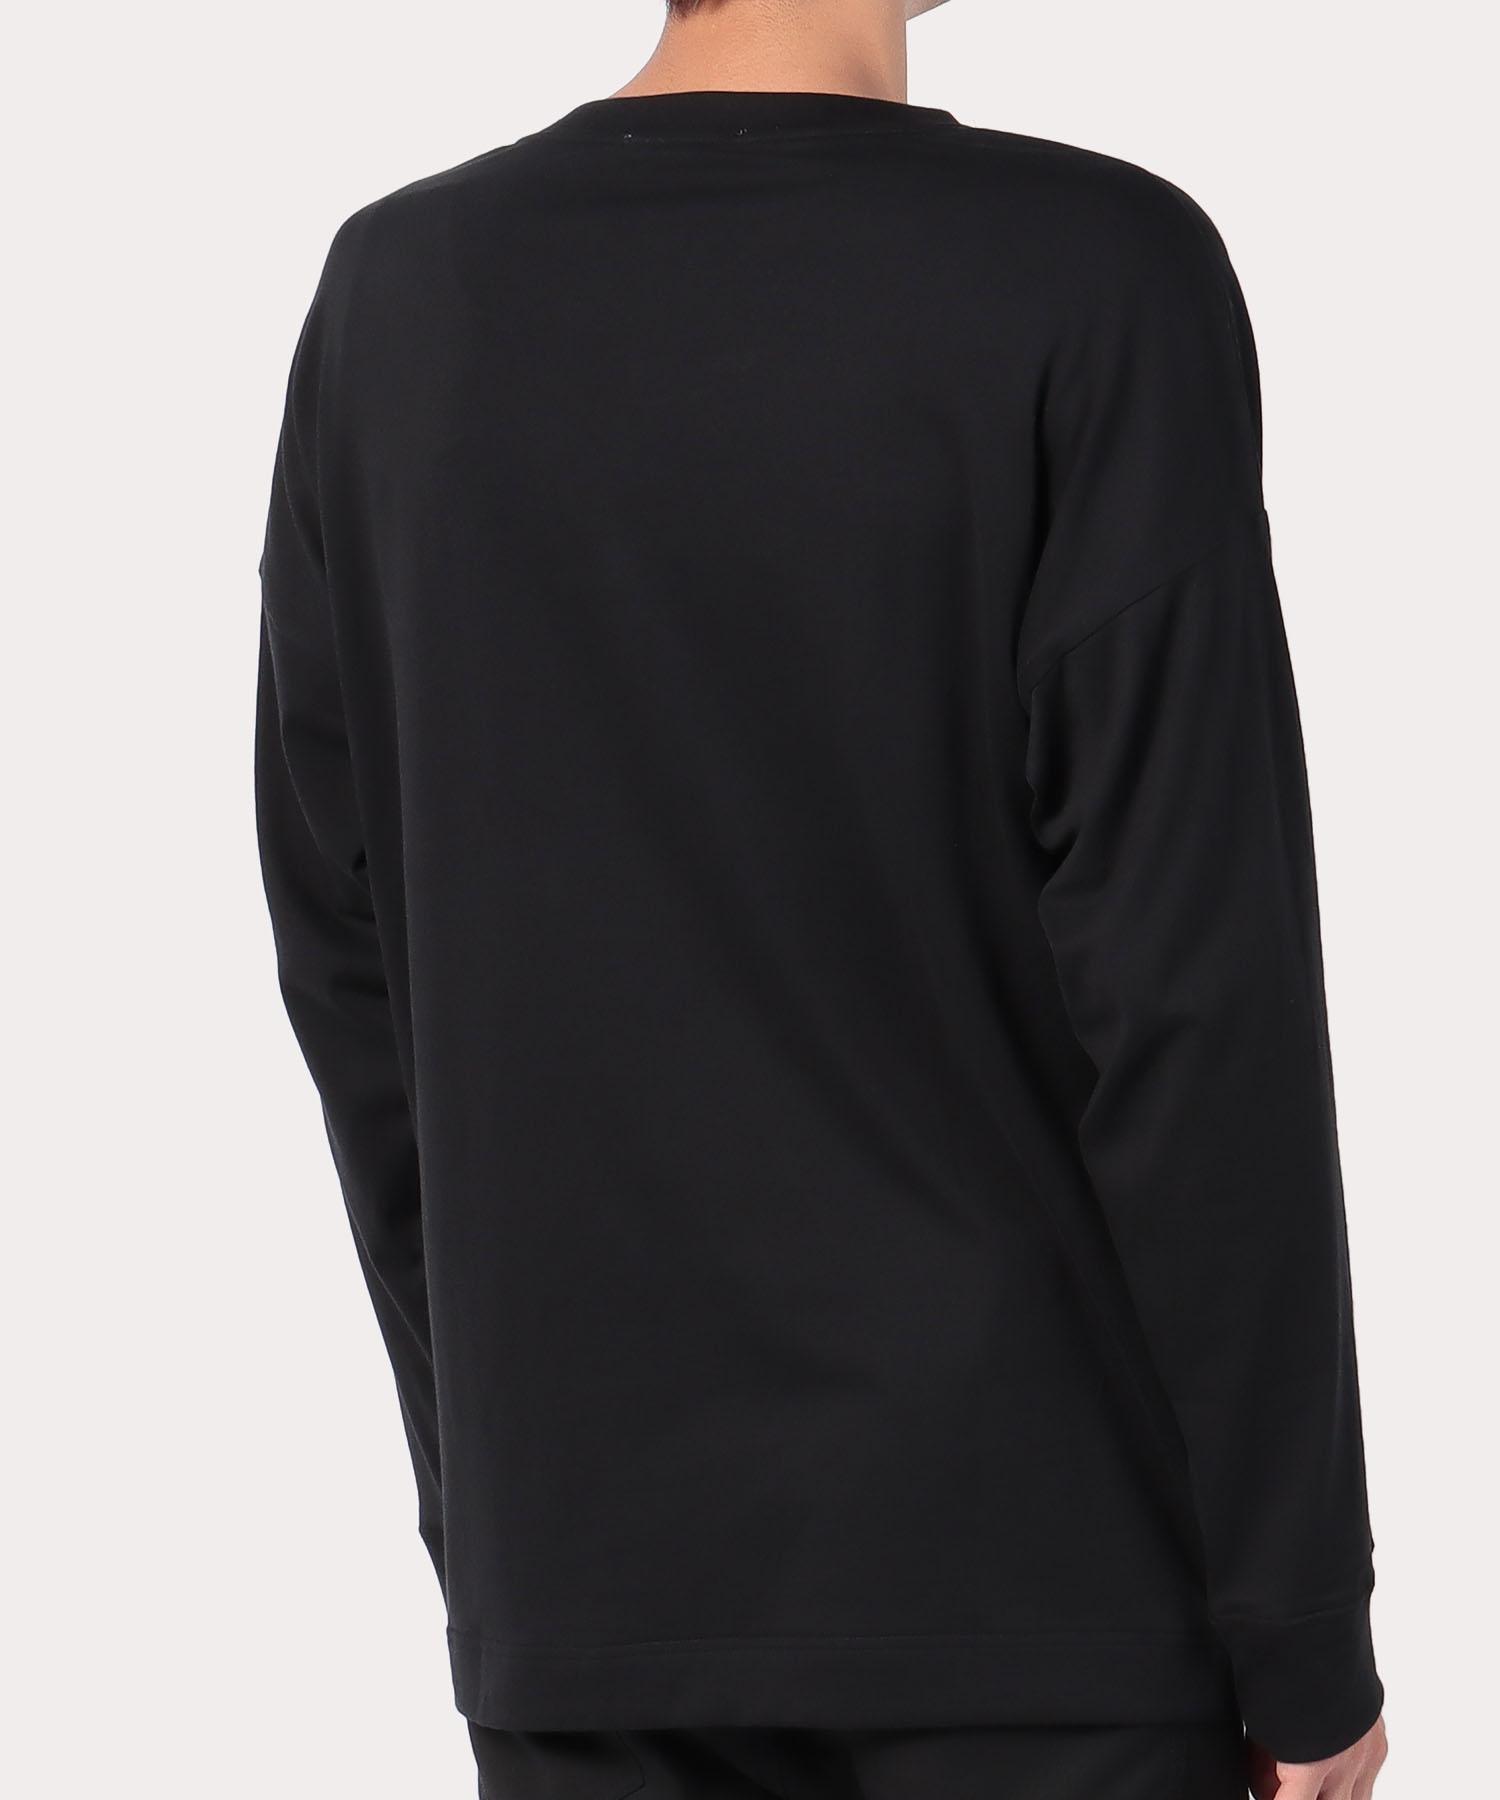 ワンポイントORB トライアングル長袖Tシャツ